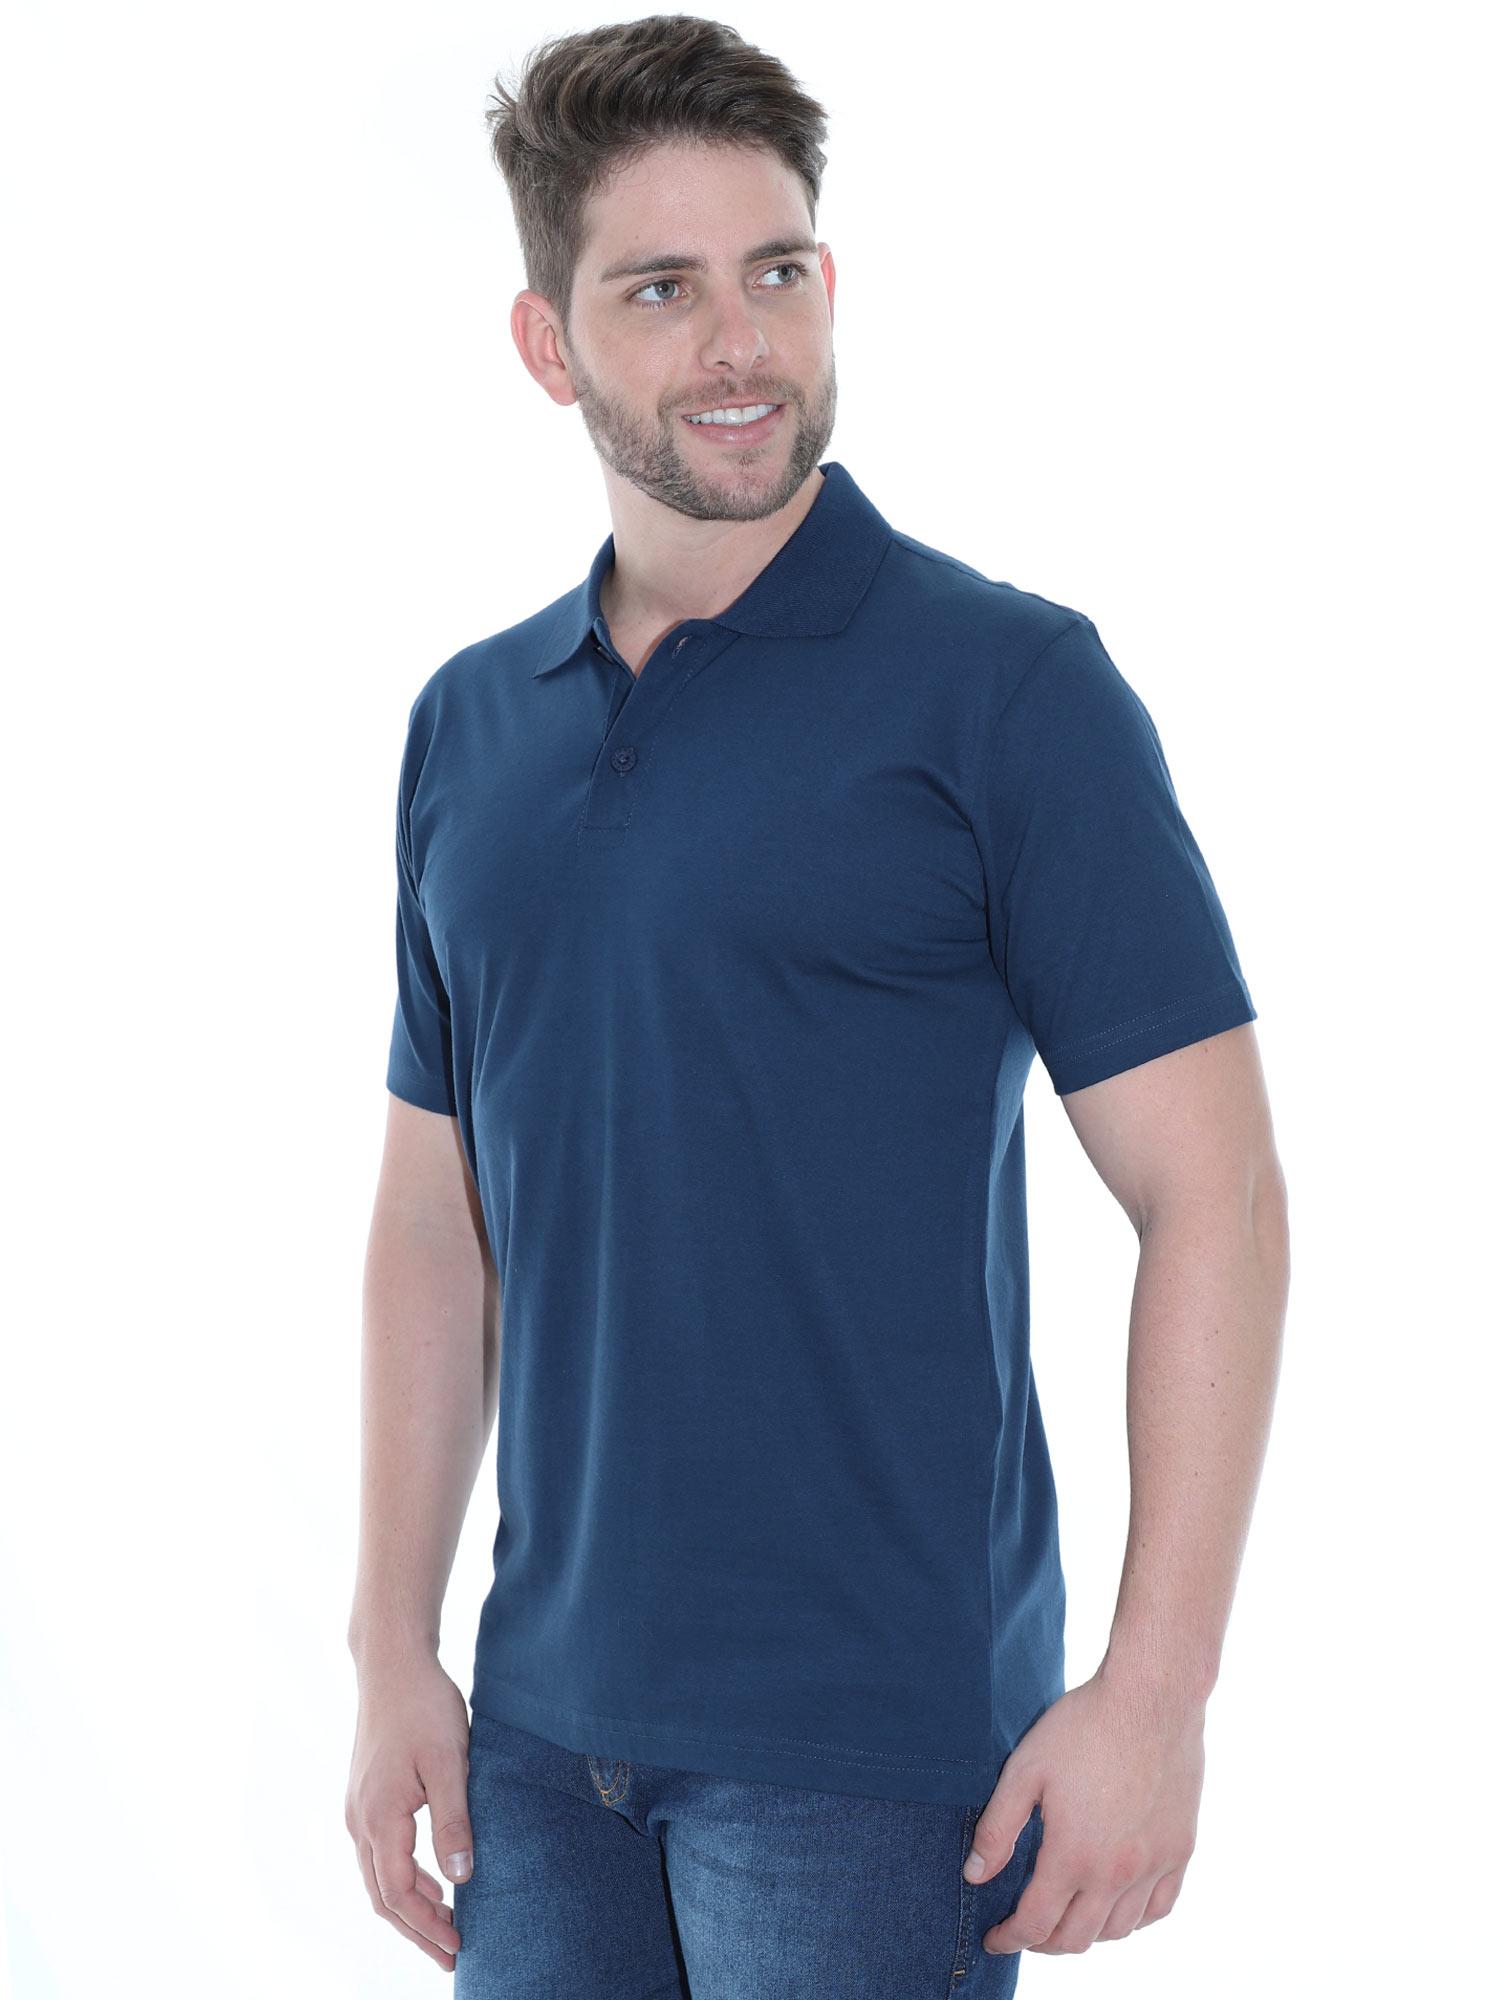 Camisa Polo Masculina Básica Algodão Lisa Conforto Marinho